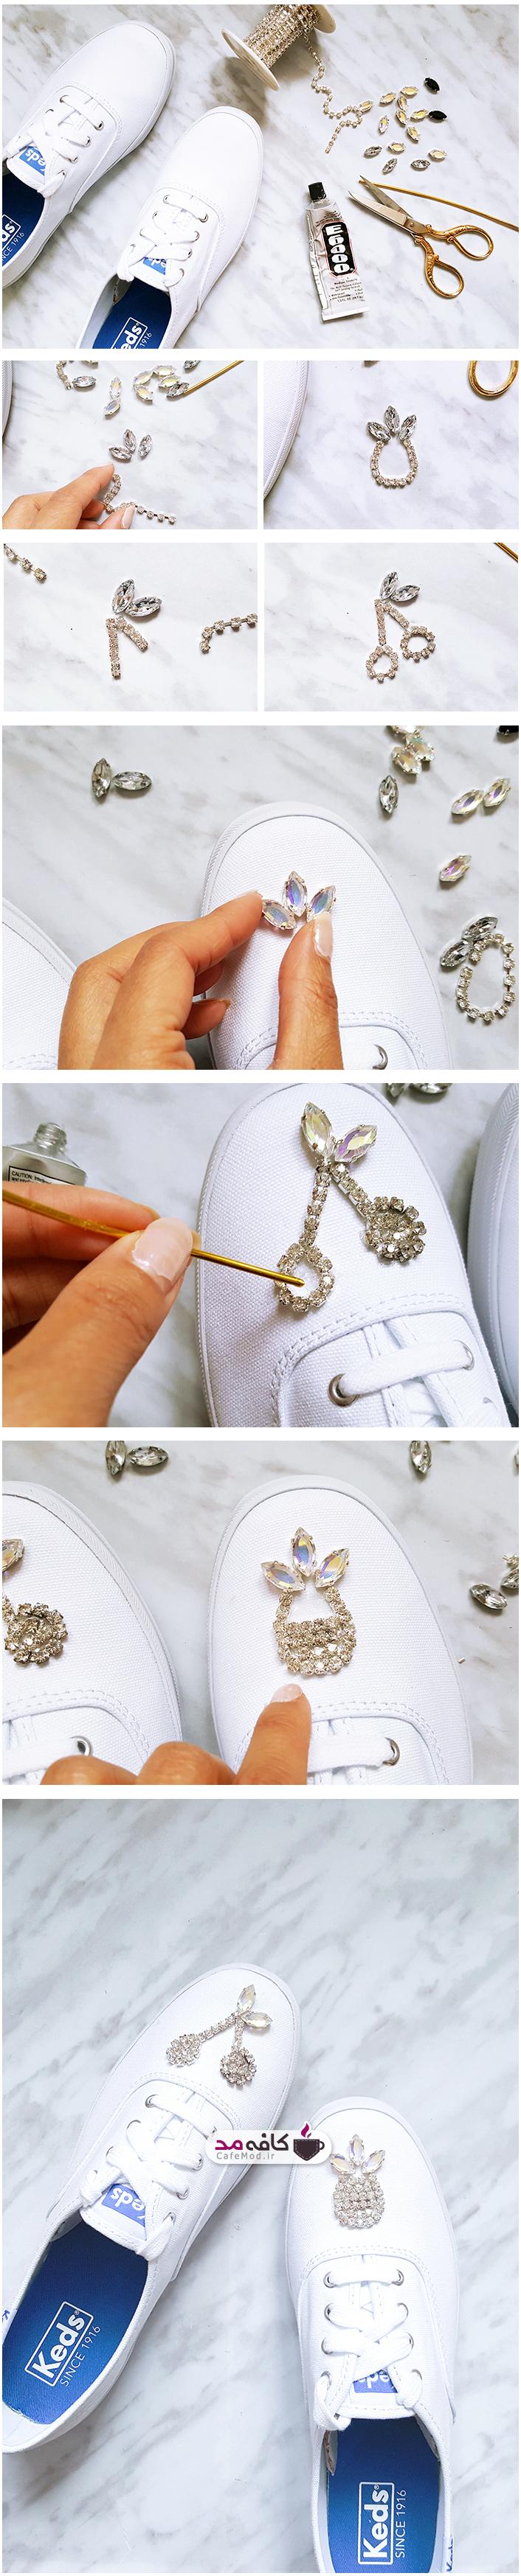 آموزش تزیین کفش کتان با نگین